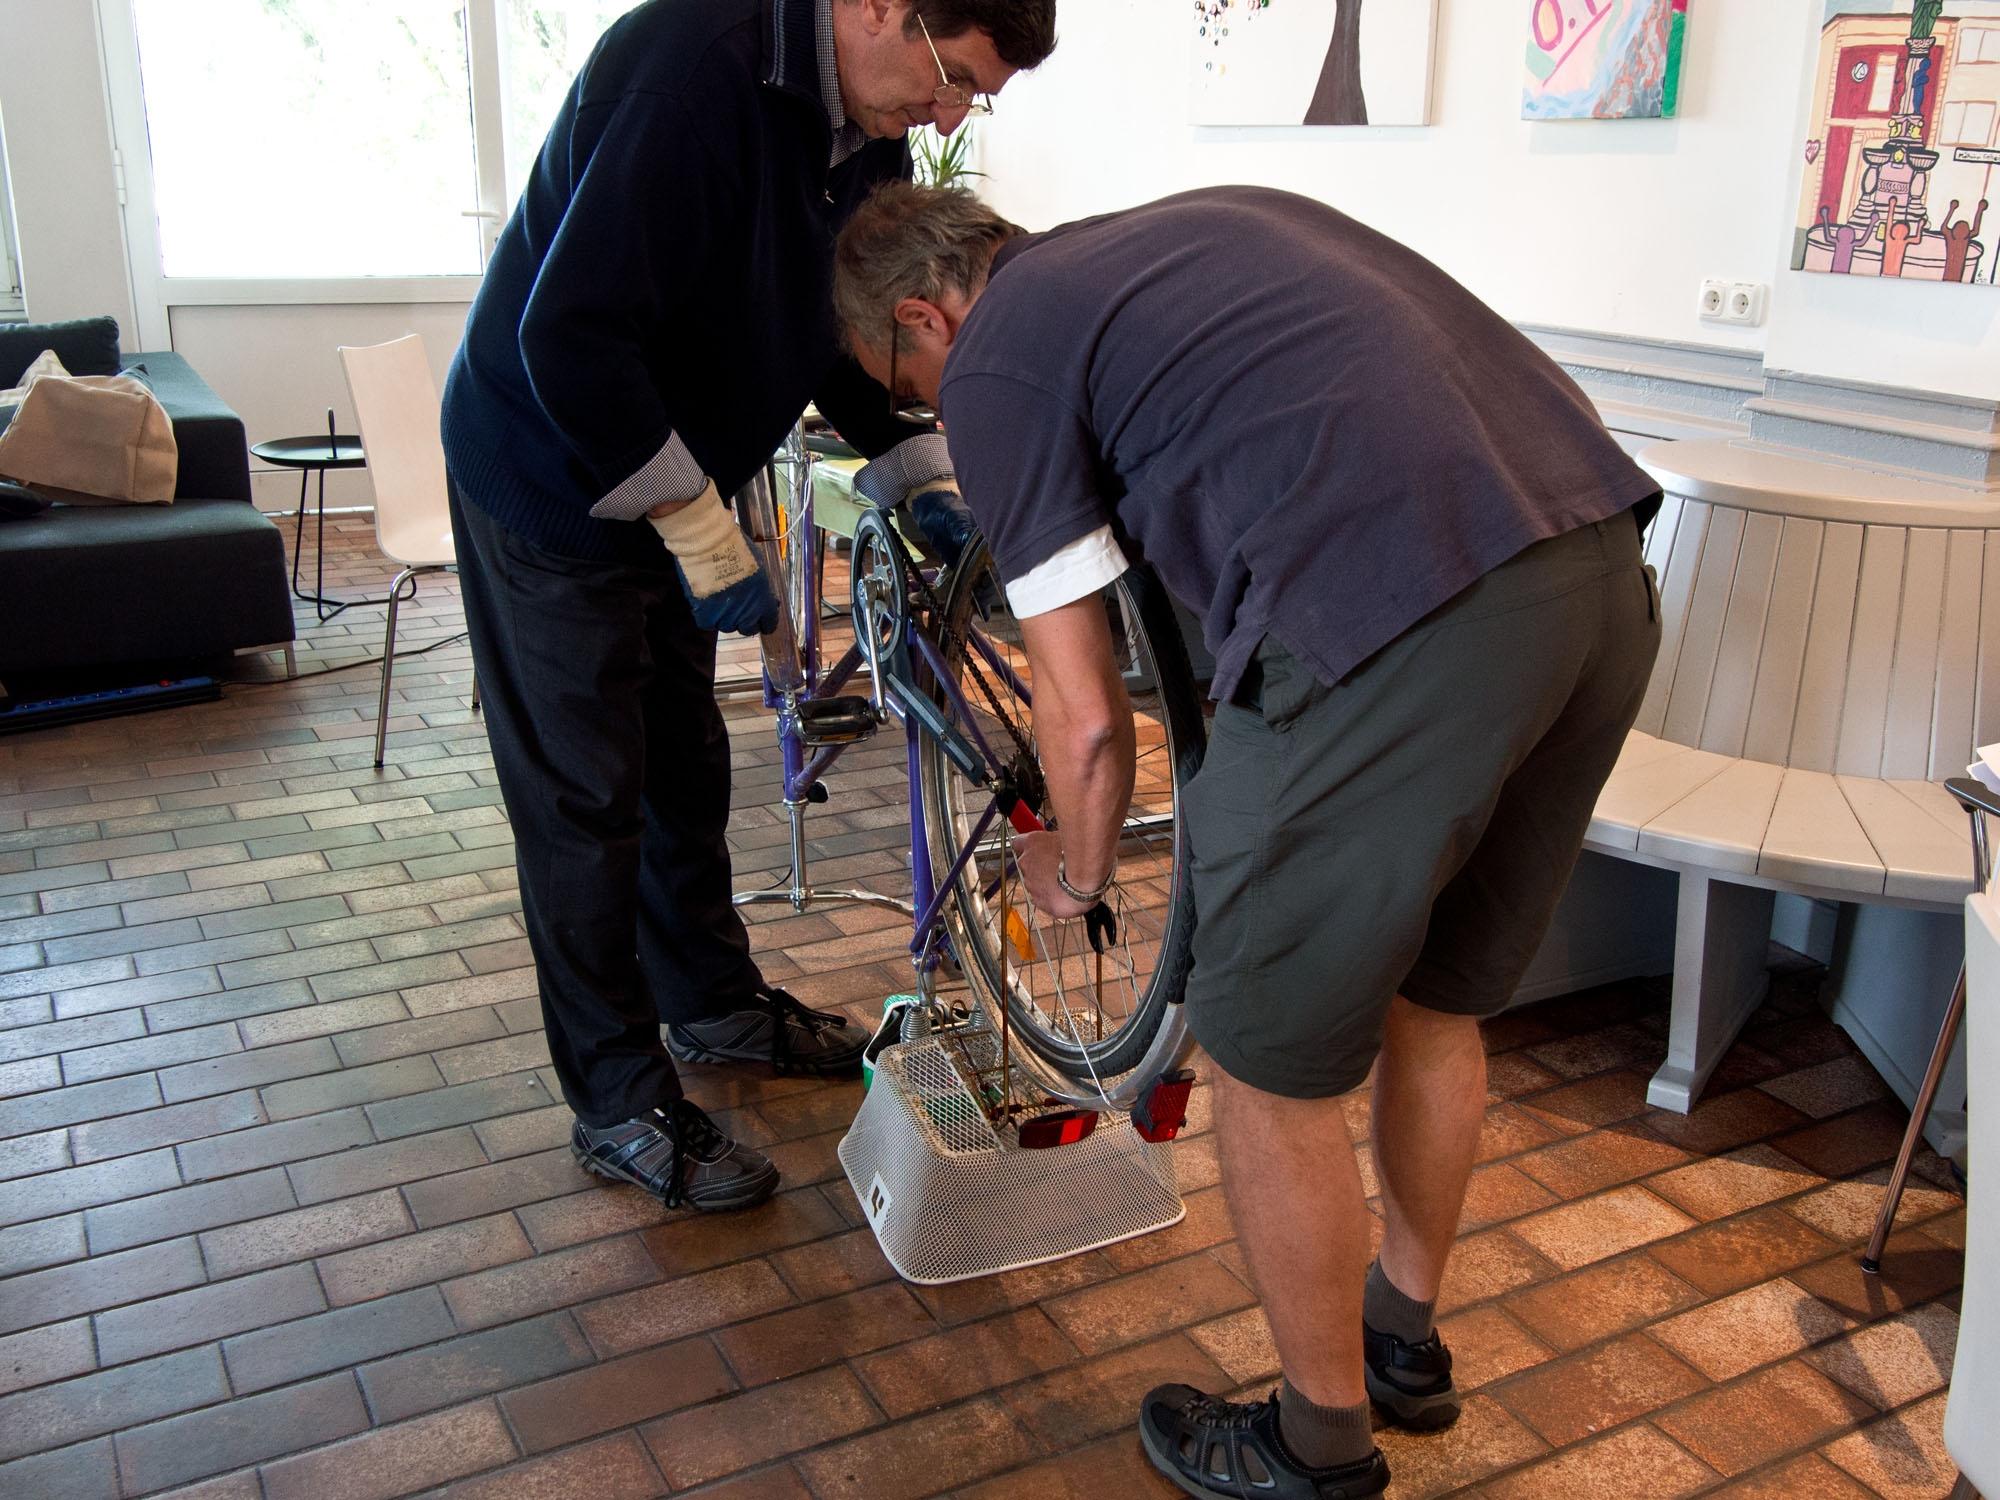 Fahrradreparaturen sind für das Expertenteam meist die leichteren Aufgaben. Foto: Irmhild Engels